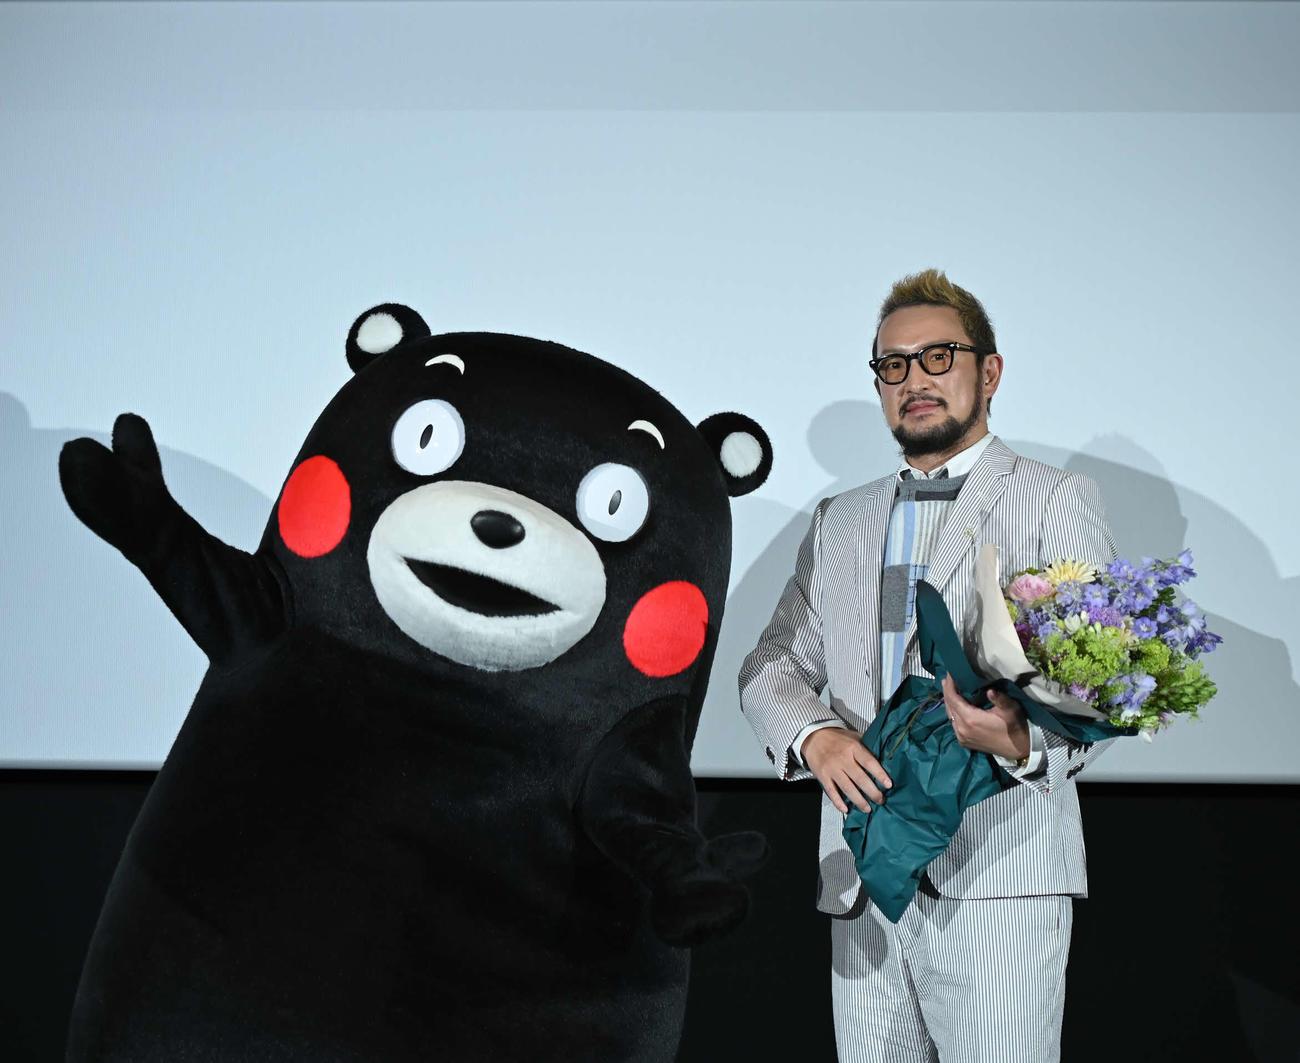 中村獅童、熊本で3面スクリーンお披露目 超歌舞伎上映にくまモン来たモン